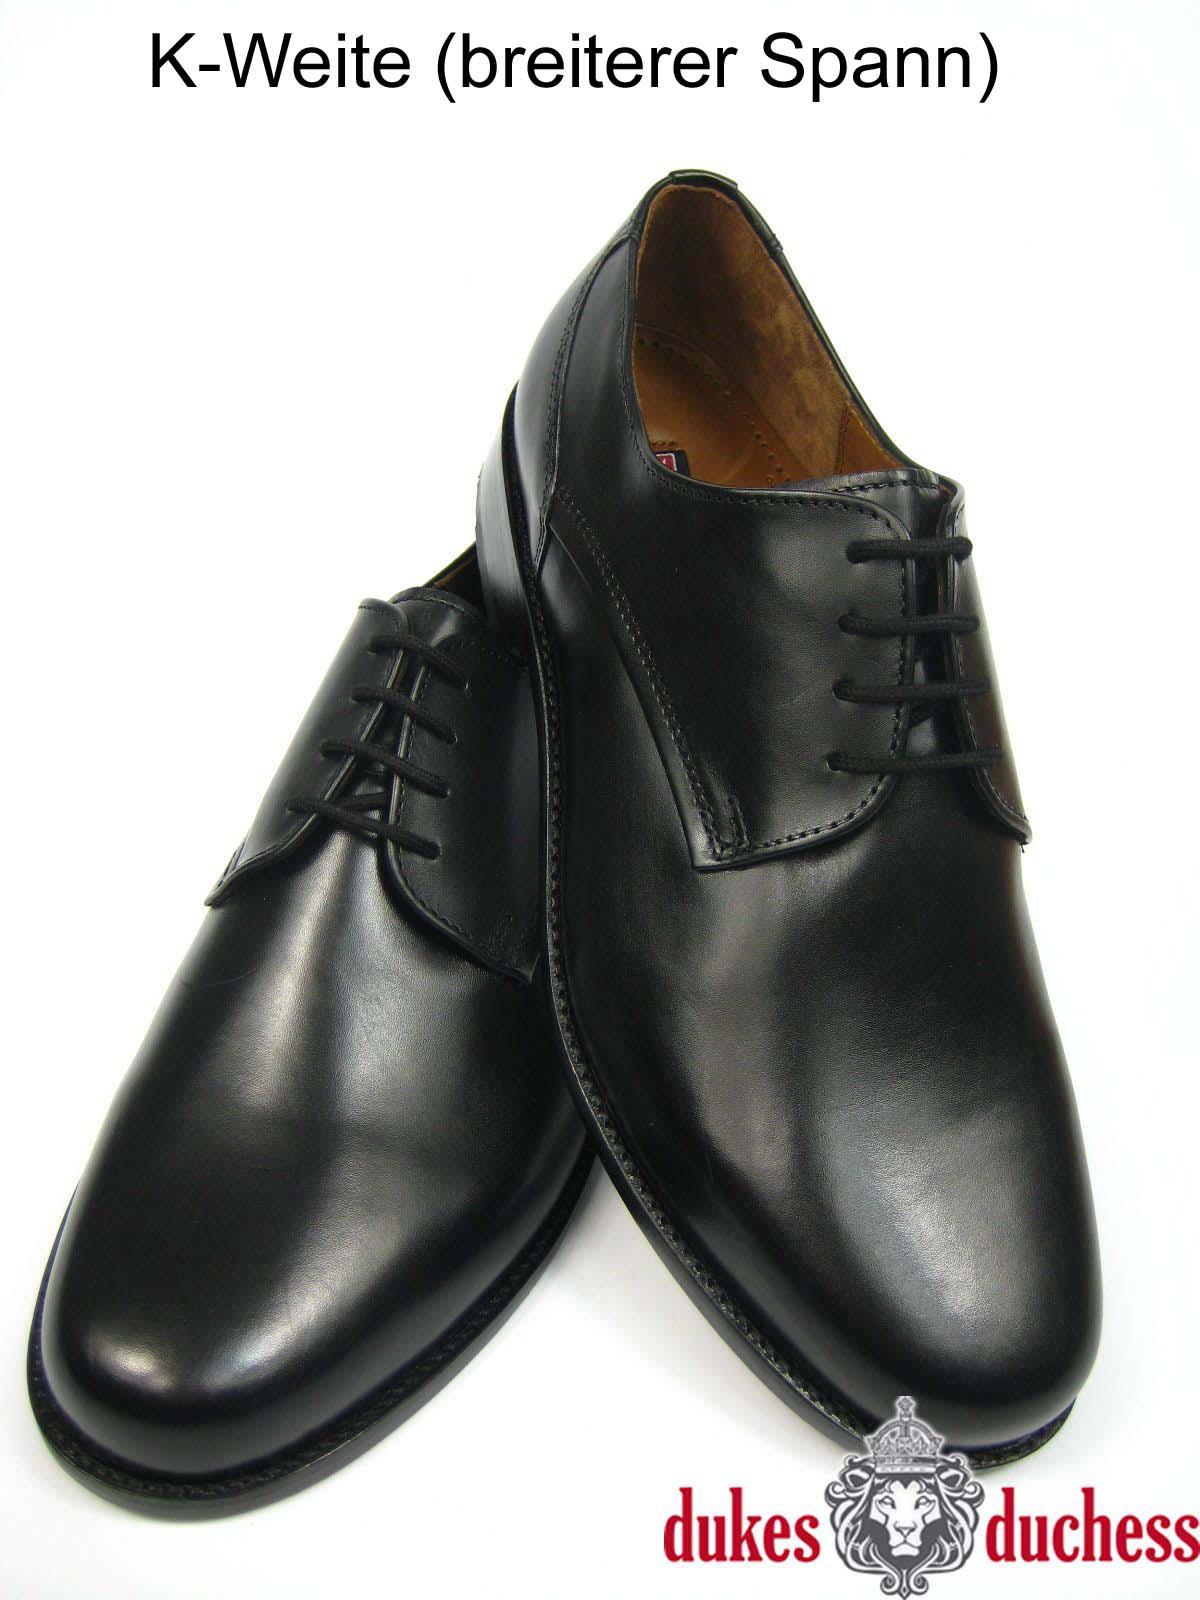 Manz Herren Business Leder Schuhe 162093 K-Weite extra weit schwarz ... d7df3adda2